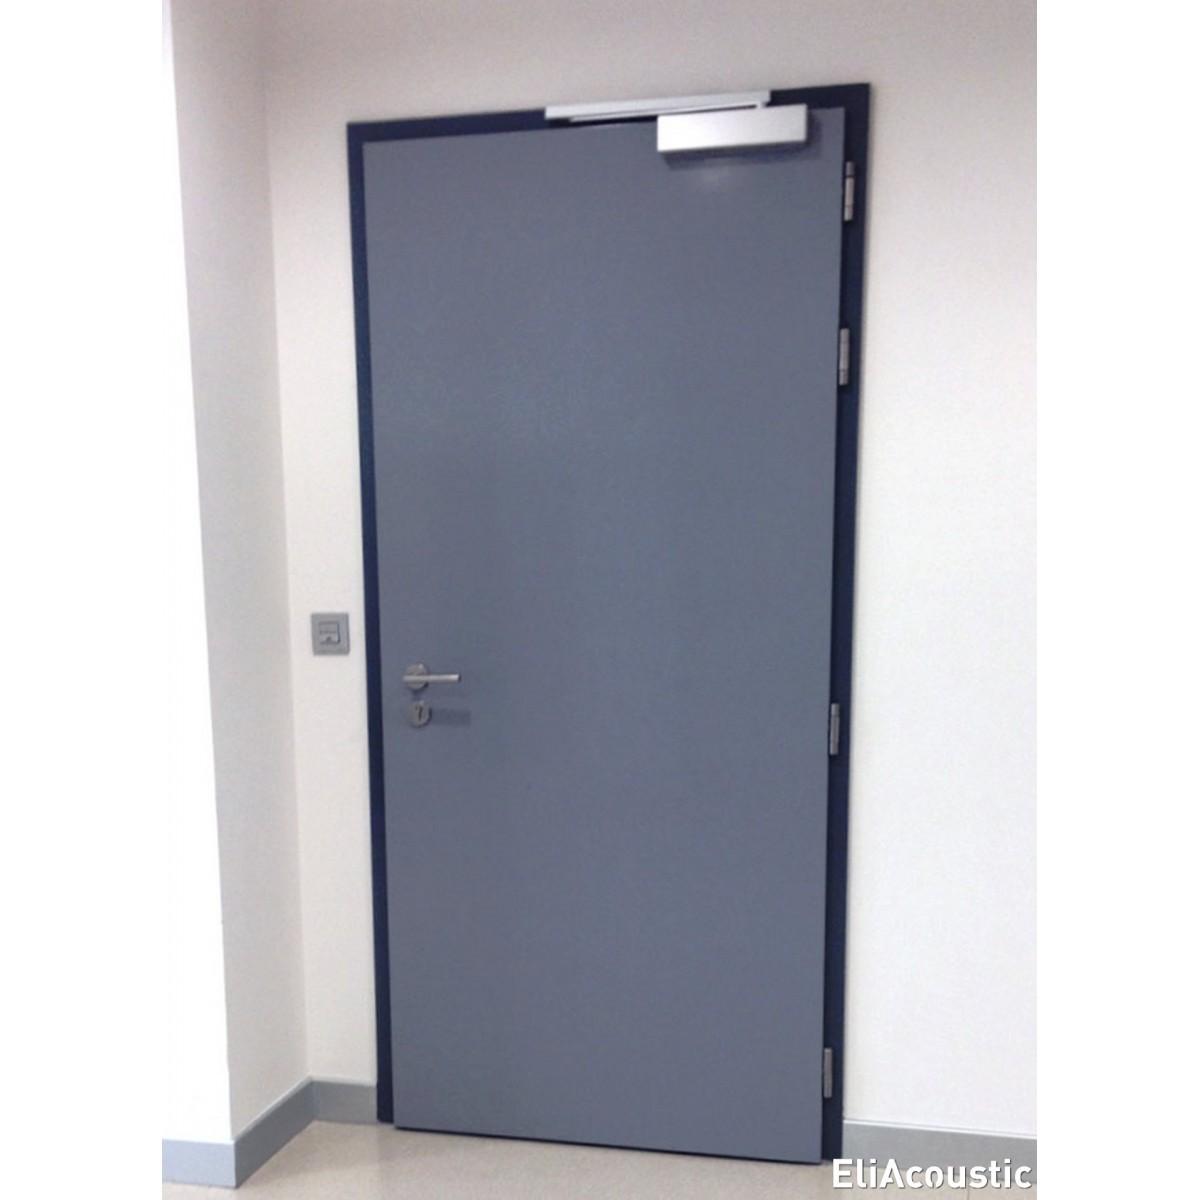 Puertas ac sticas para el aislamiento acustico e - Precio aislamiento acustico ...